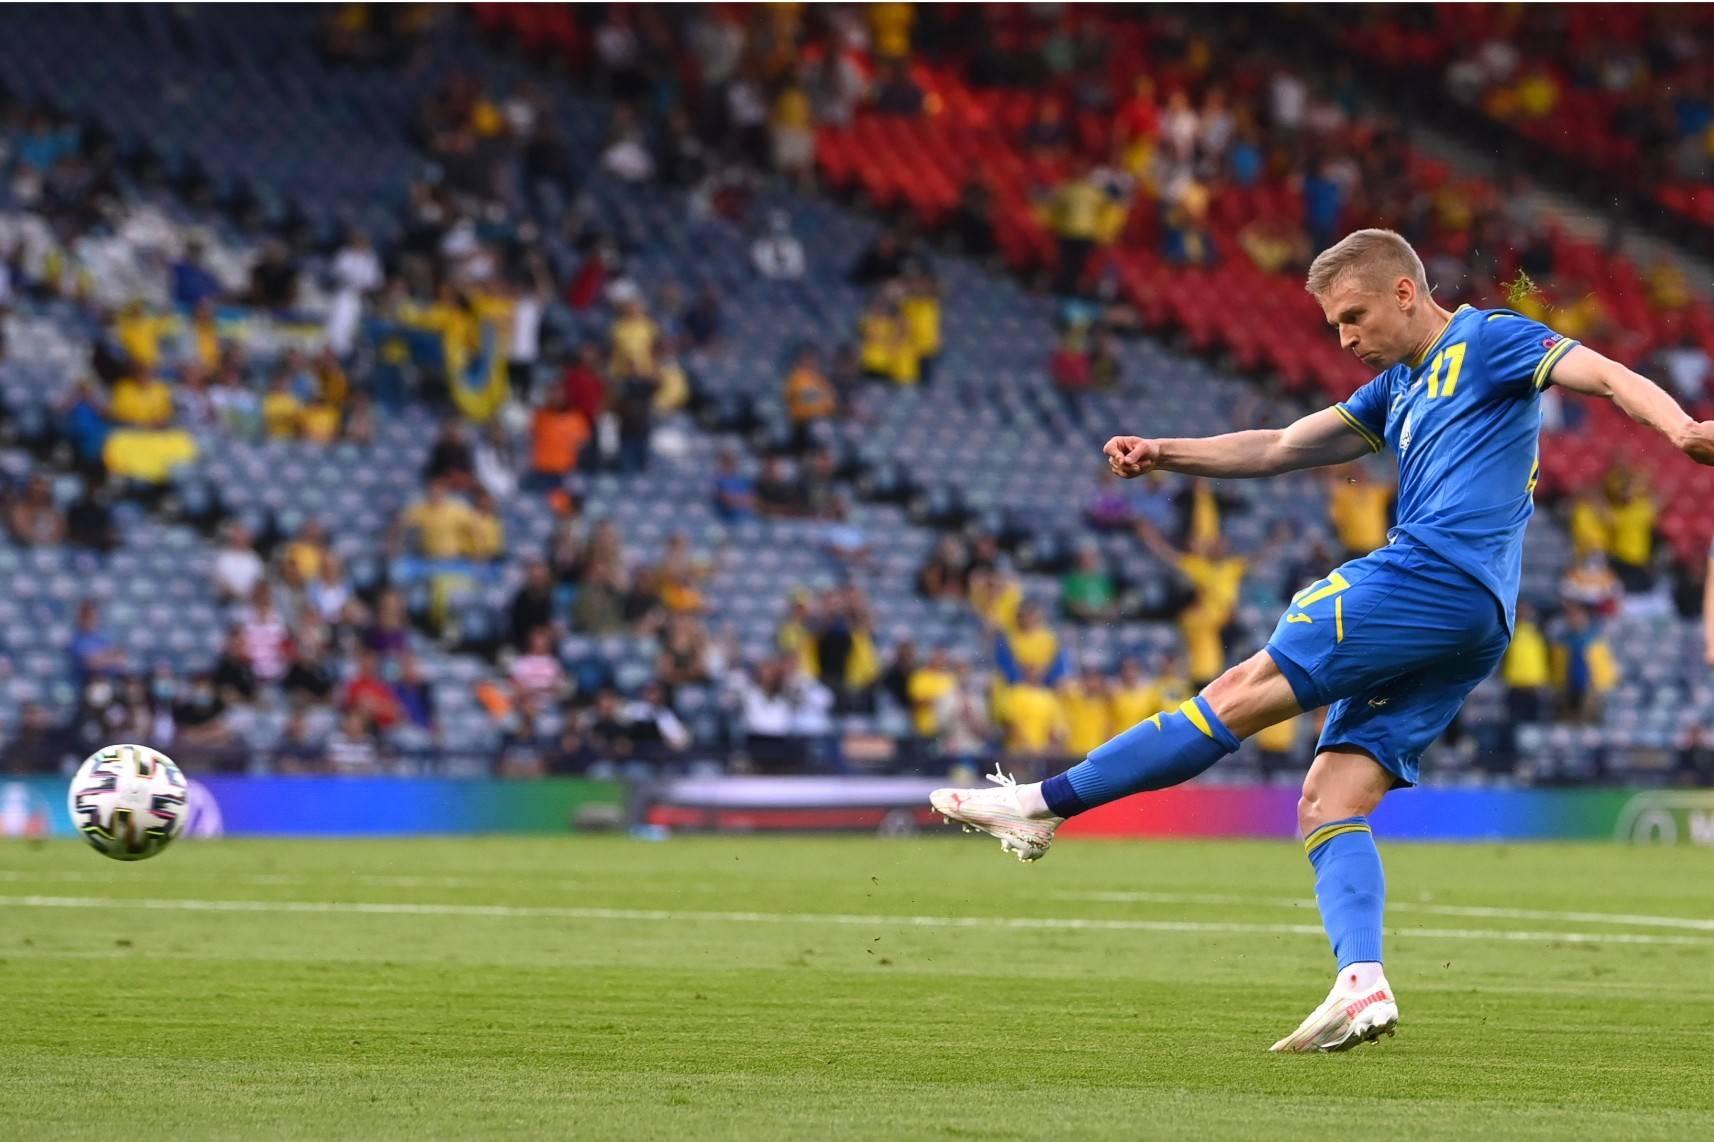 半场战报津琴科爆射+福斯贝里穿云箭,瑞典1-1乌克兰